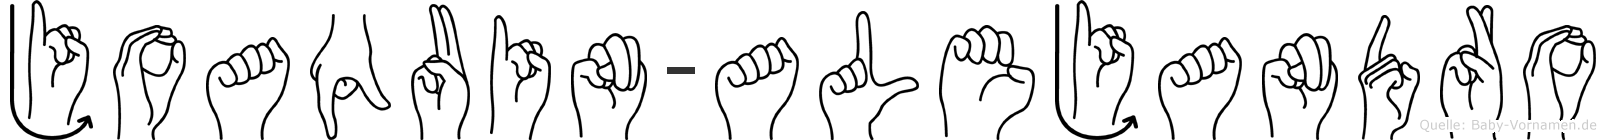 Joaquin-Alejandro im Fingeralphabet der Deutschen Gebärdensprache